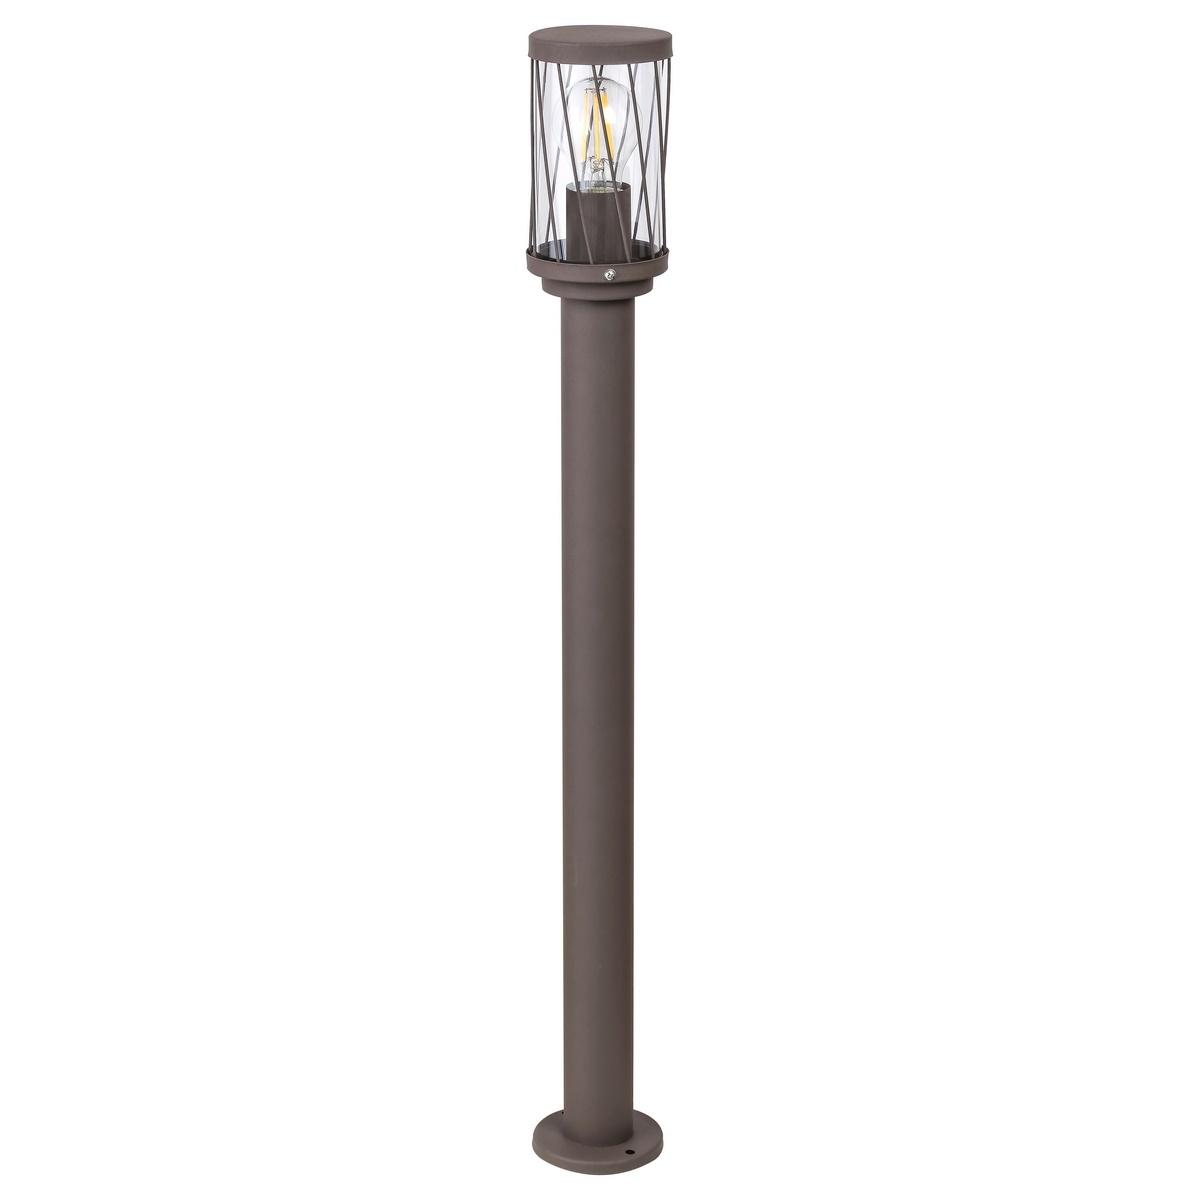 Rabalux 8890 Budapest venkovní sloupkové svítidlo, 80 cm